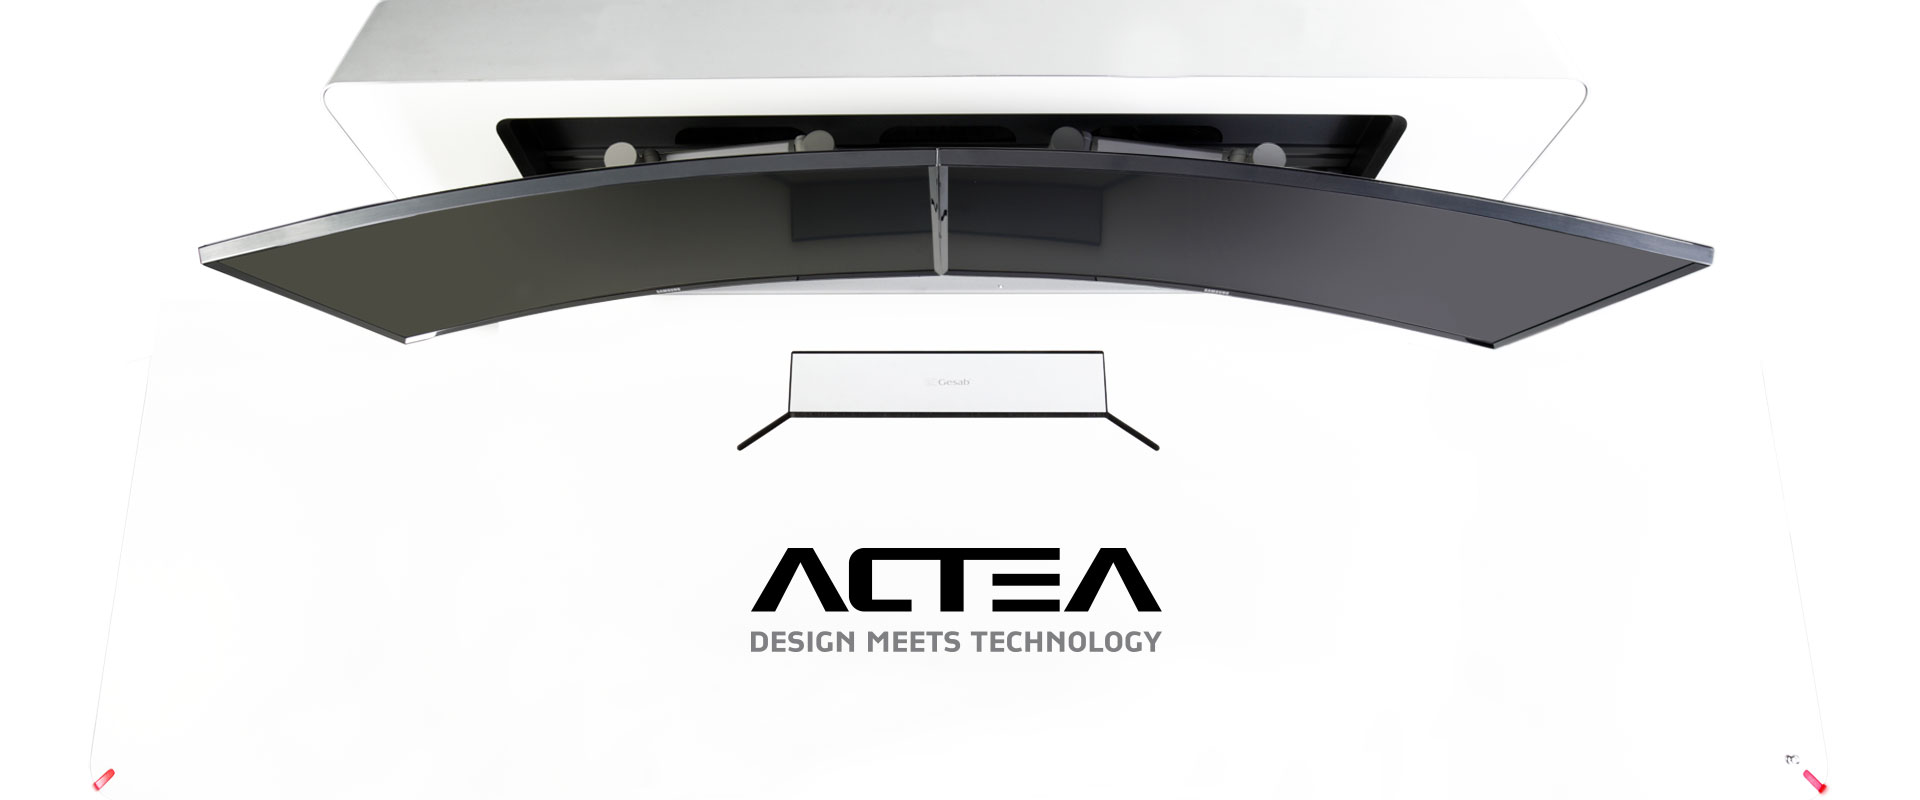 slide-alto-ACTEA-series-dmt